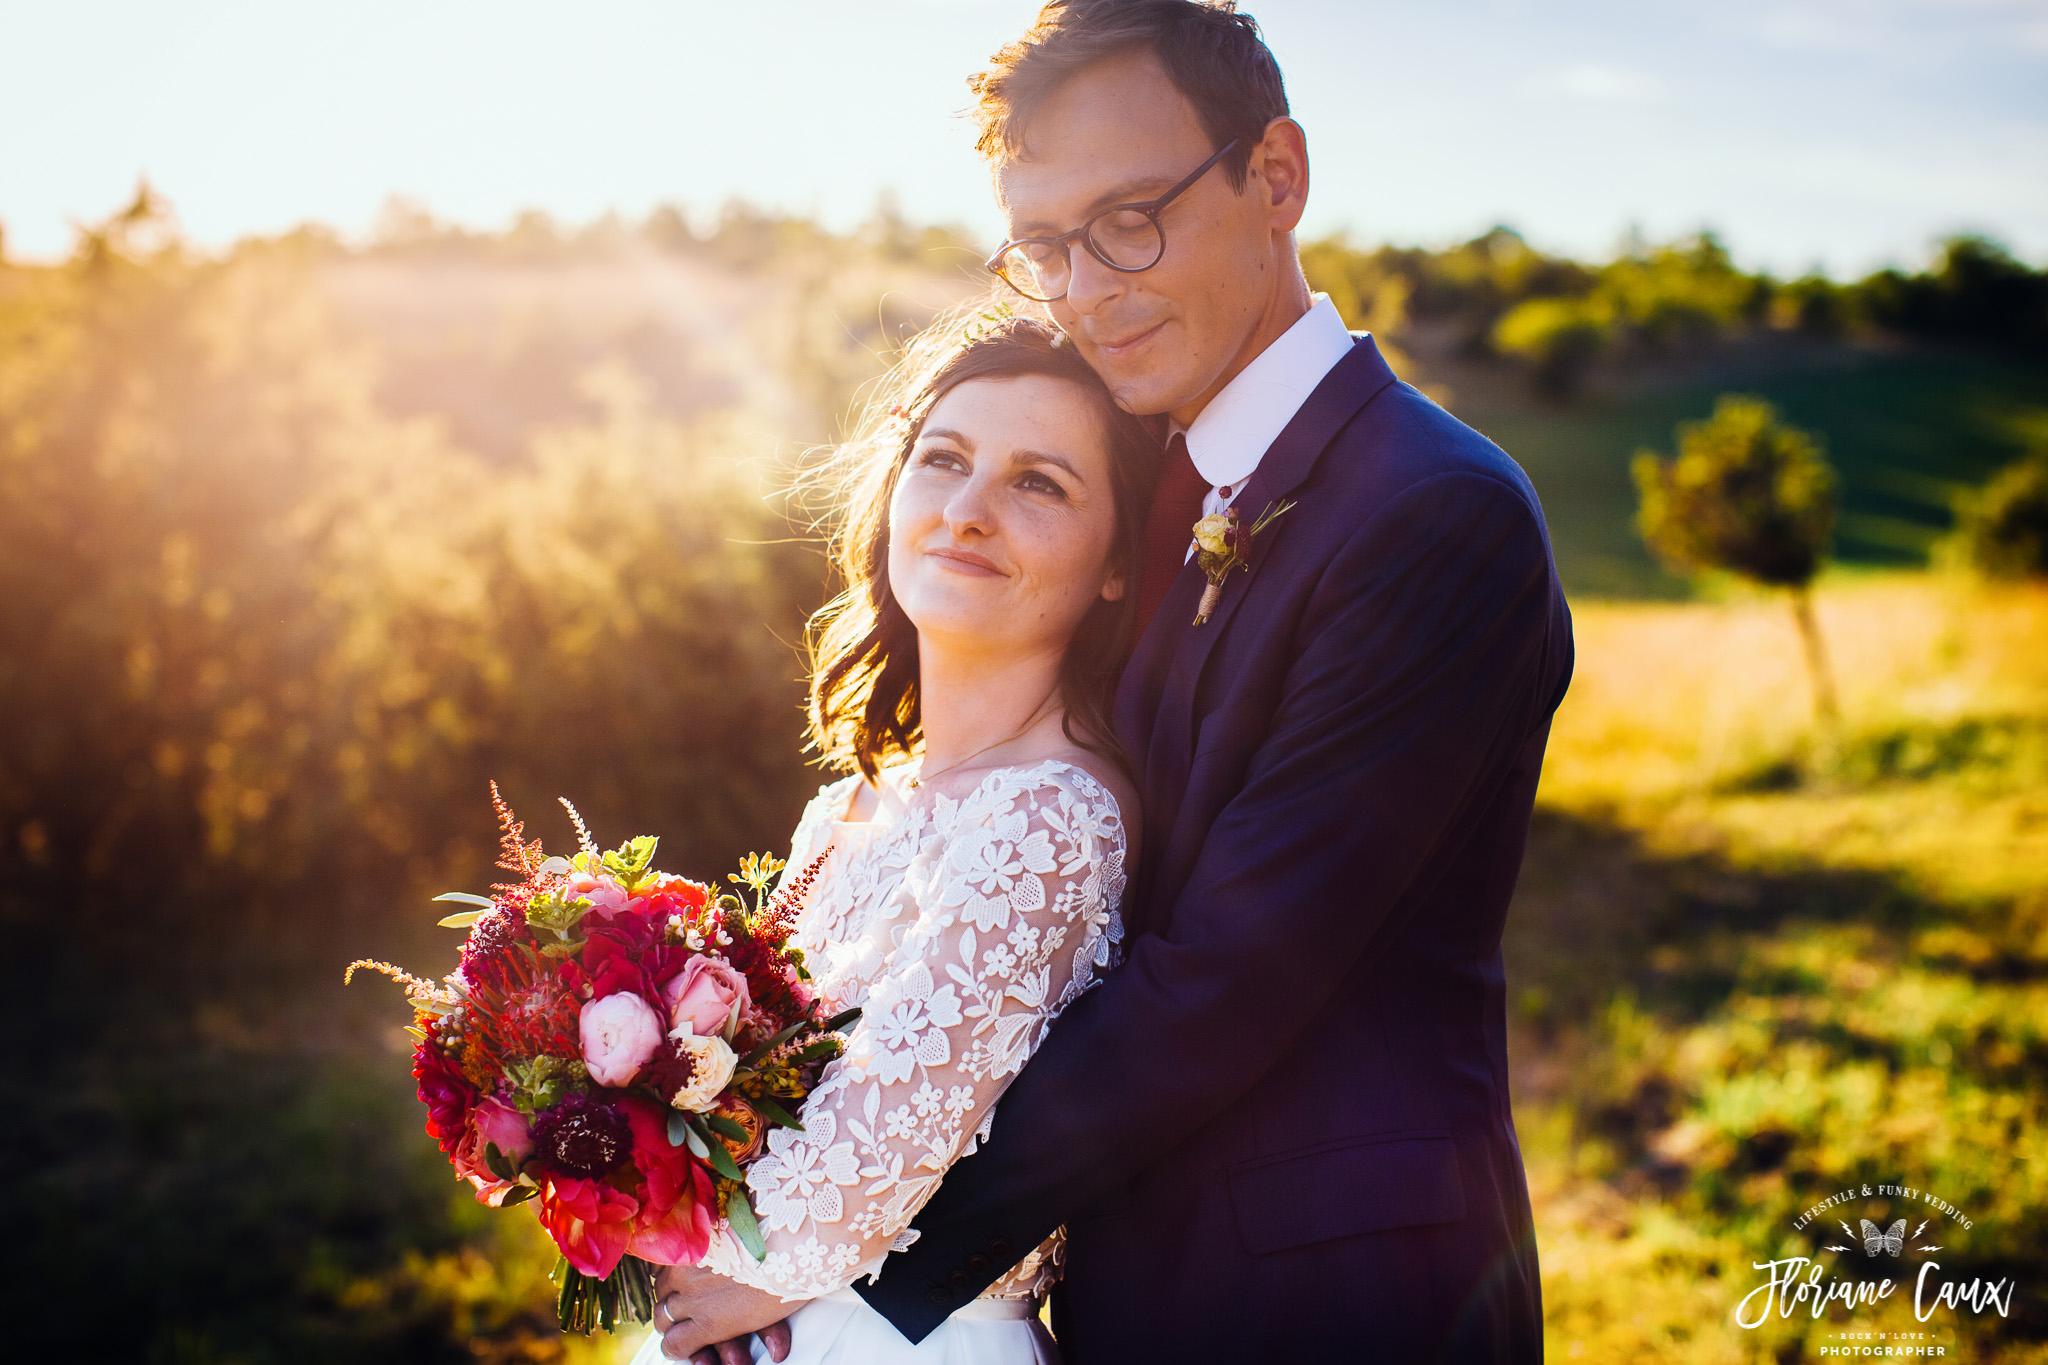 photographe-mariage-funky-licorne-fumigenes-badass-3